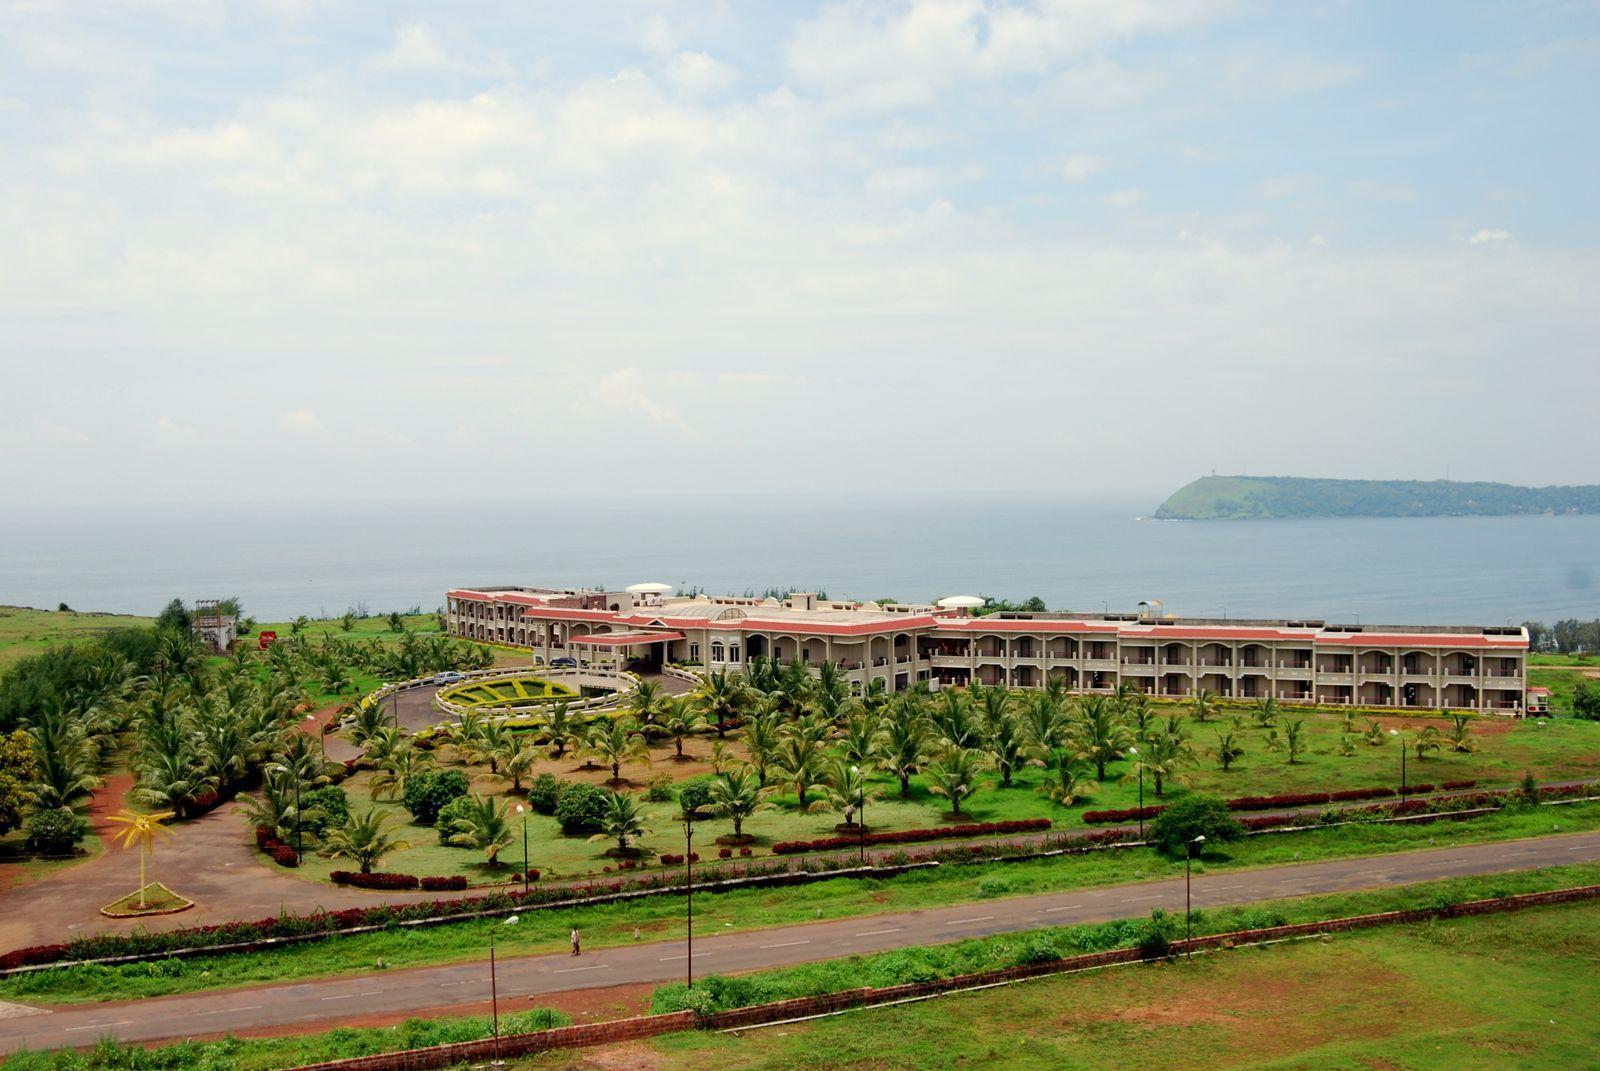 Kohinoor Samudra Resort